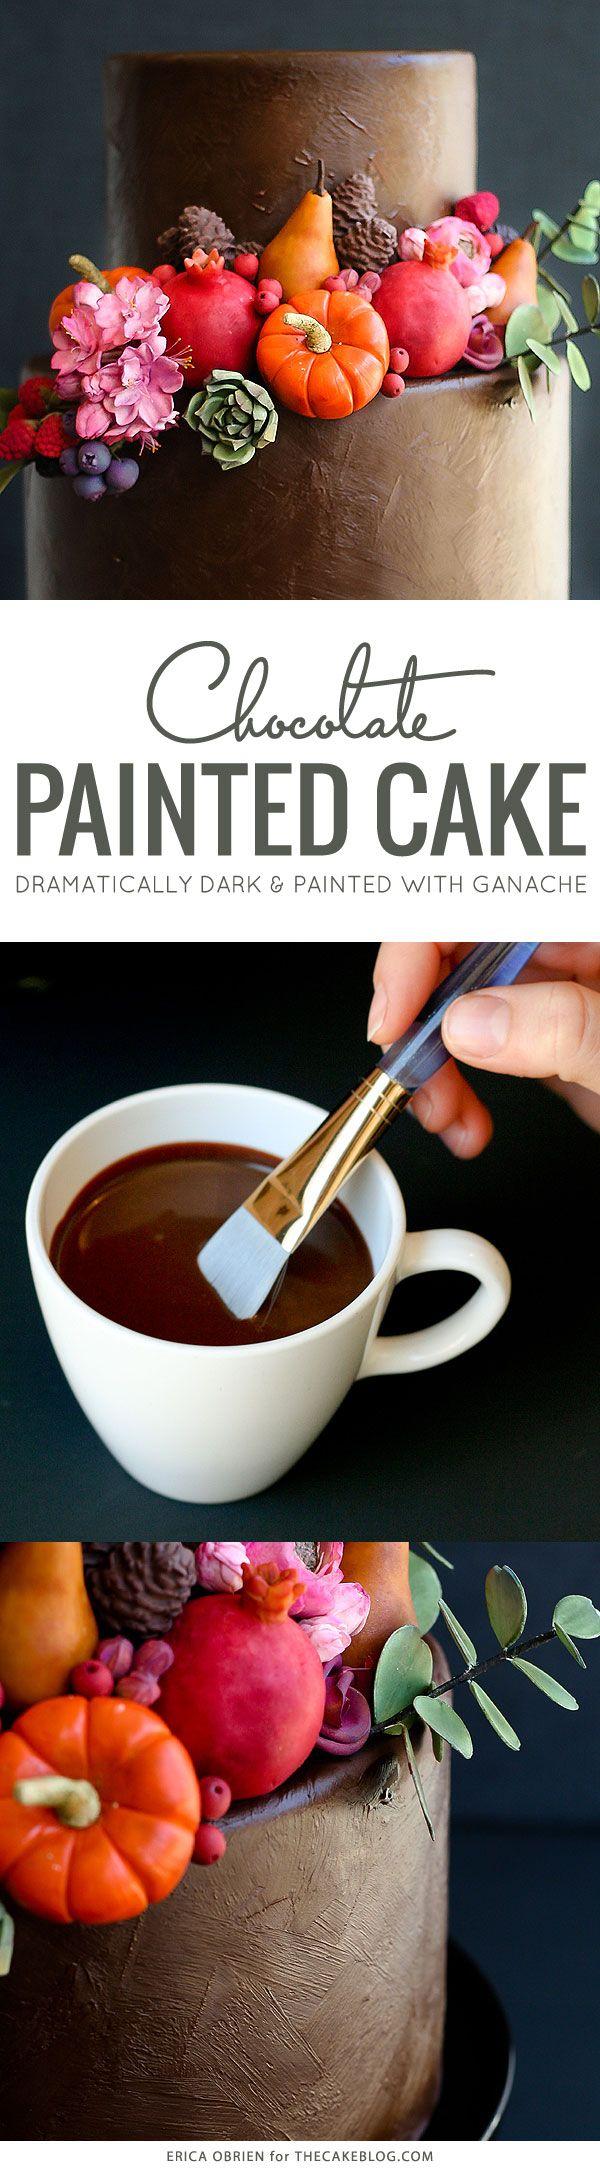 Chocolate Painted Cake Tutorial.